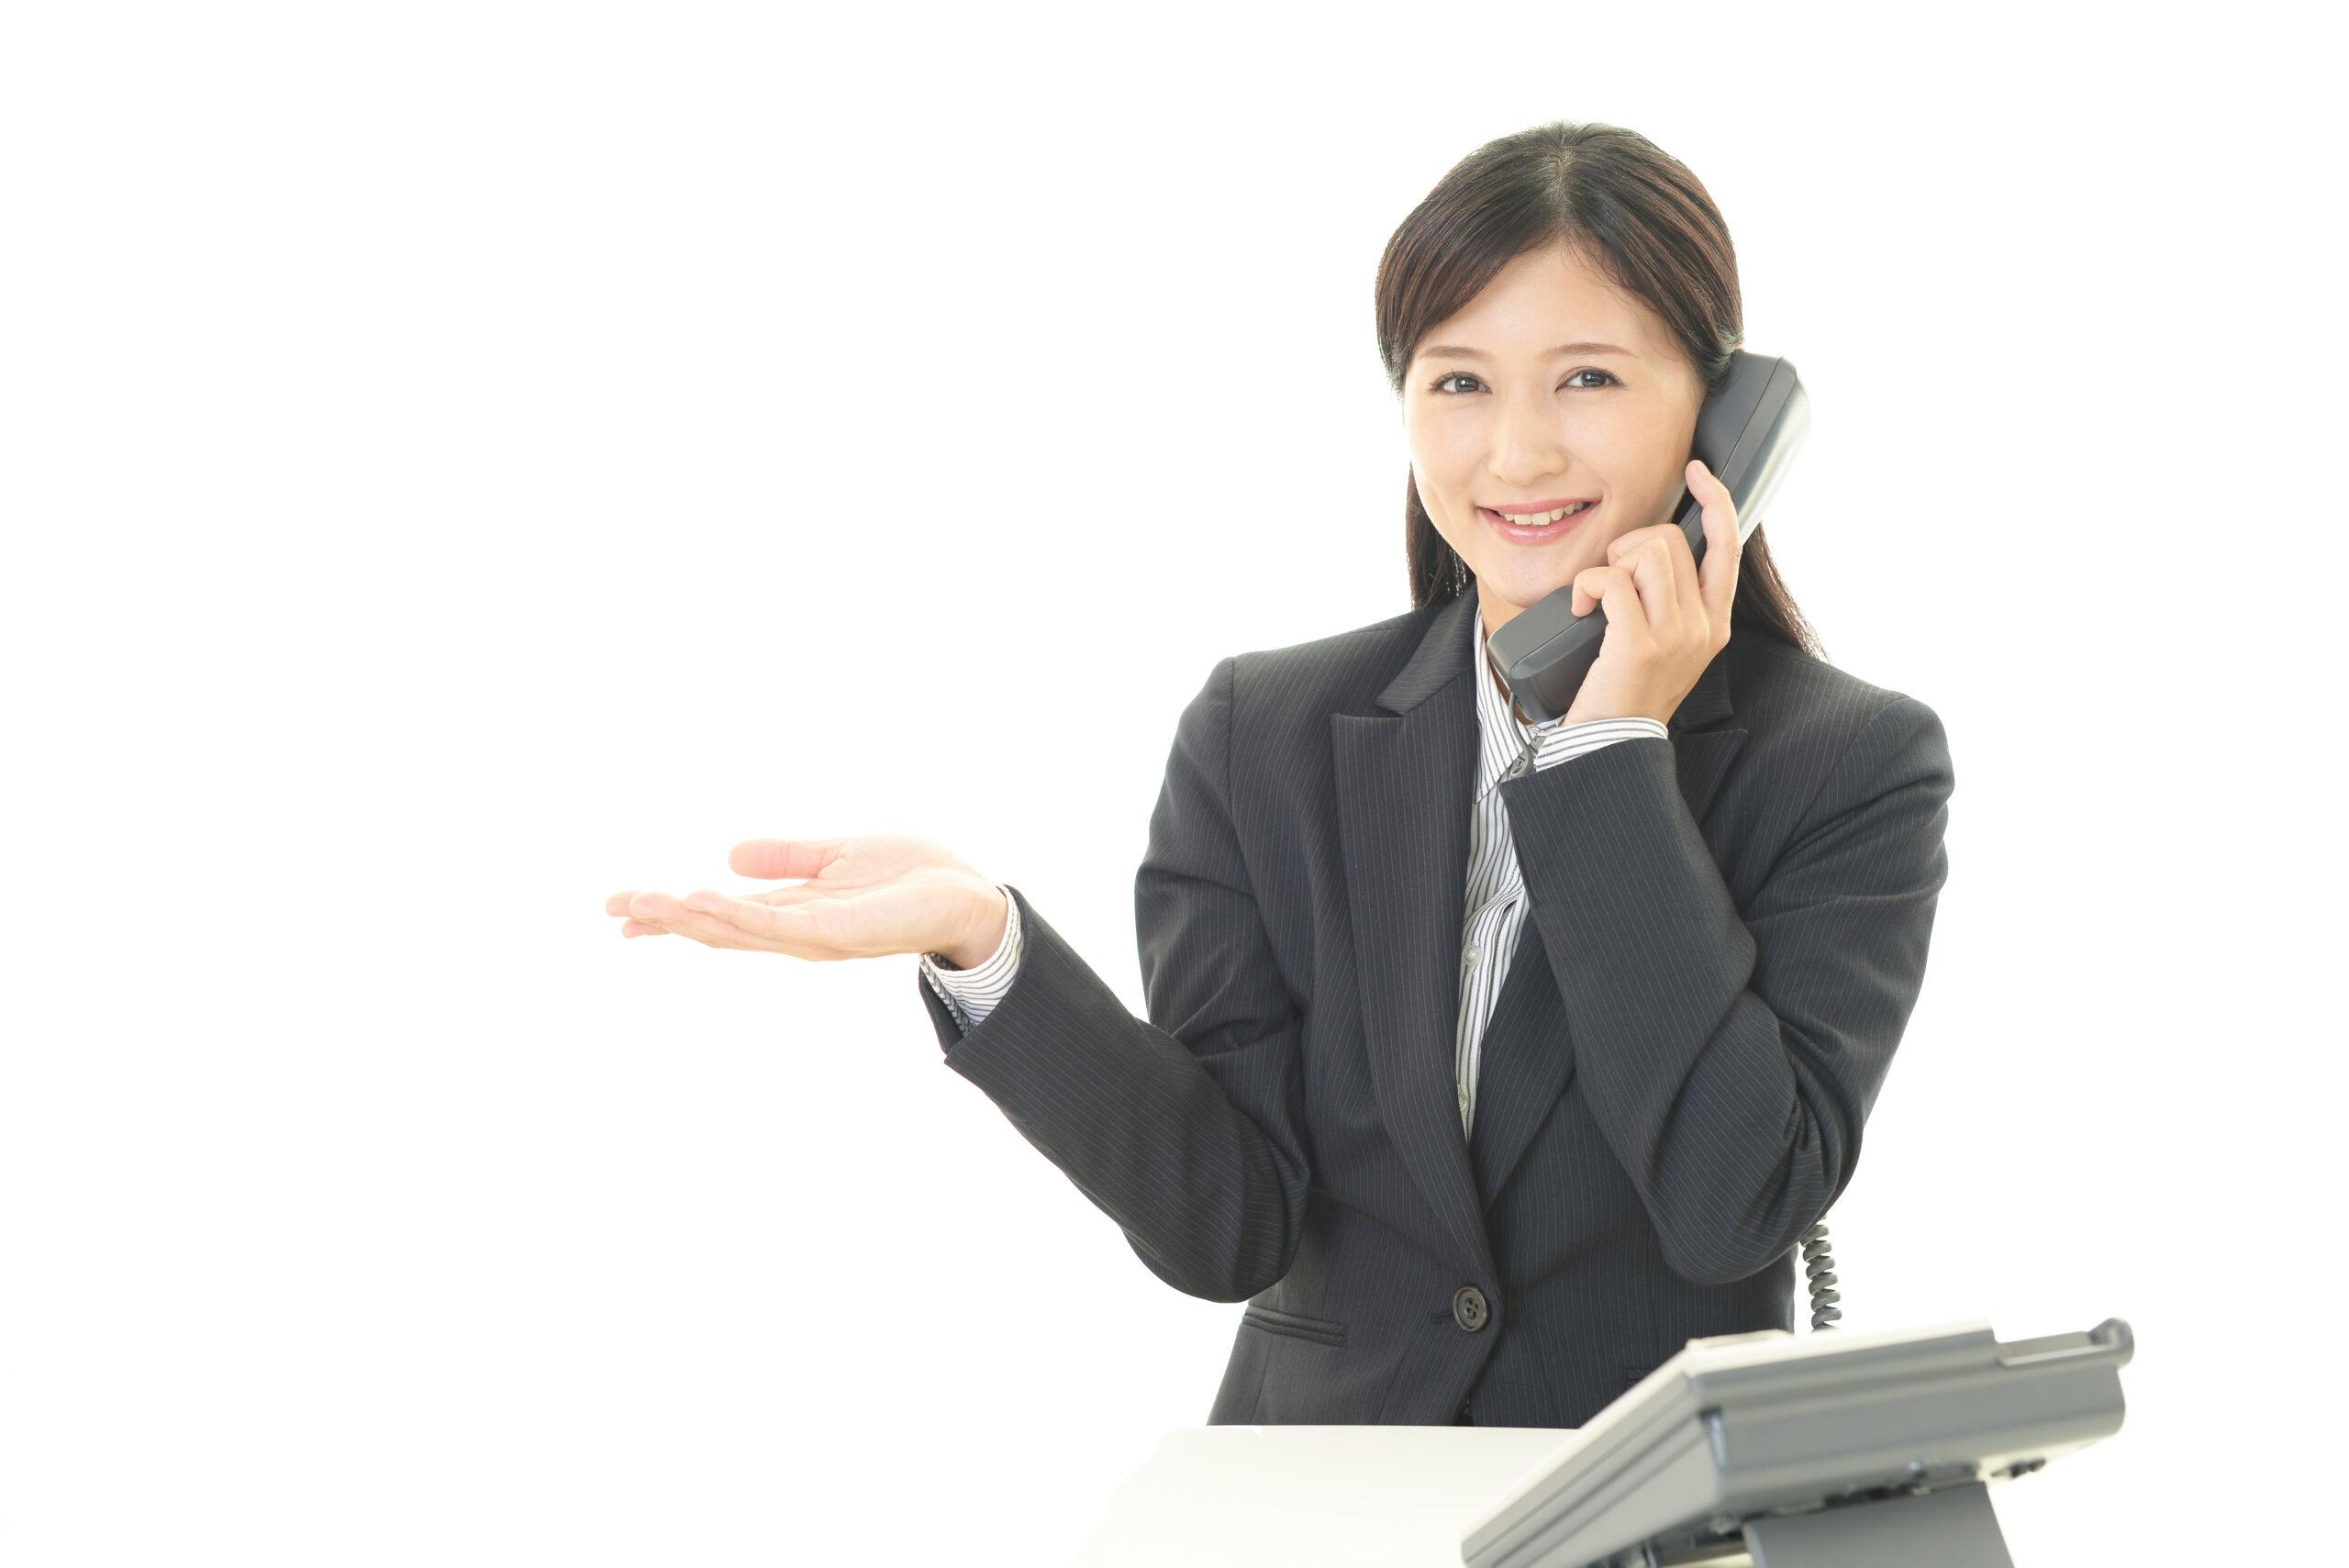 【北海道】2021年12月開催 電話応対技能検定<br>(もしもし検定)2級検定のご案内